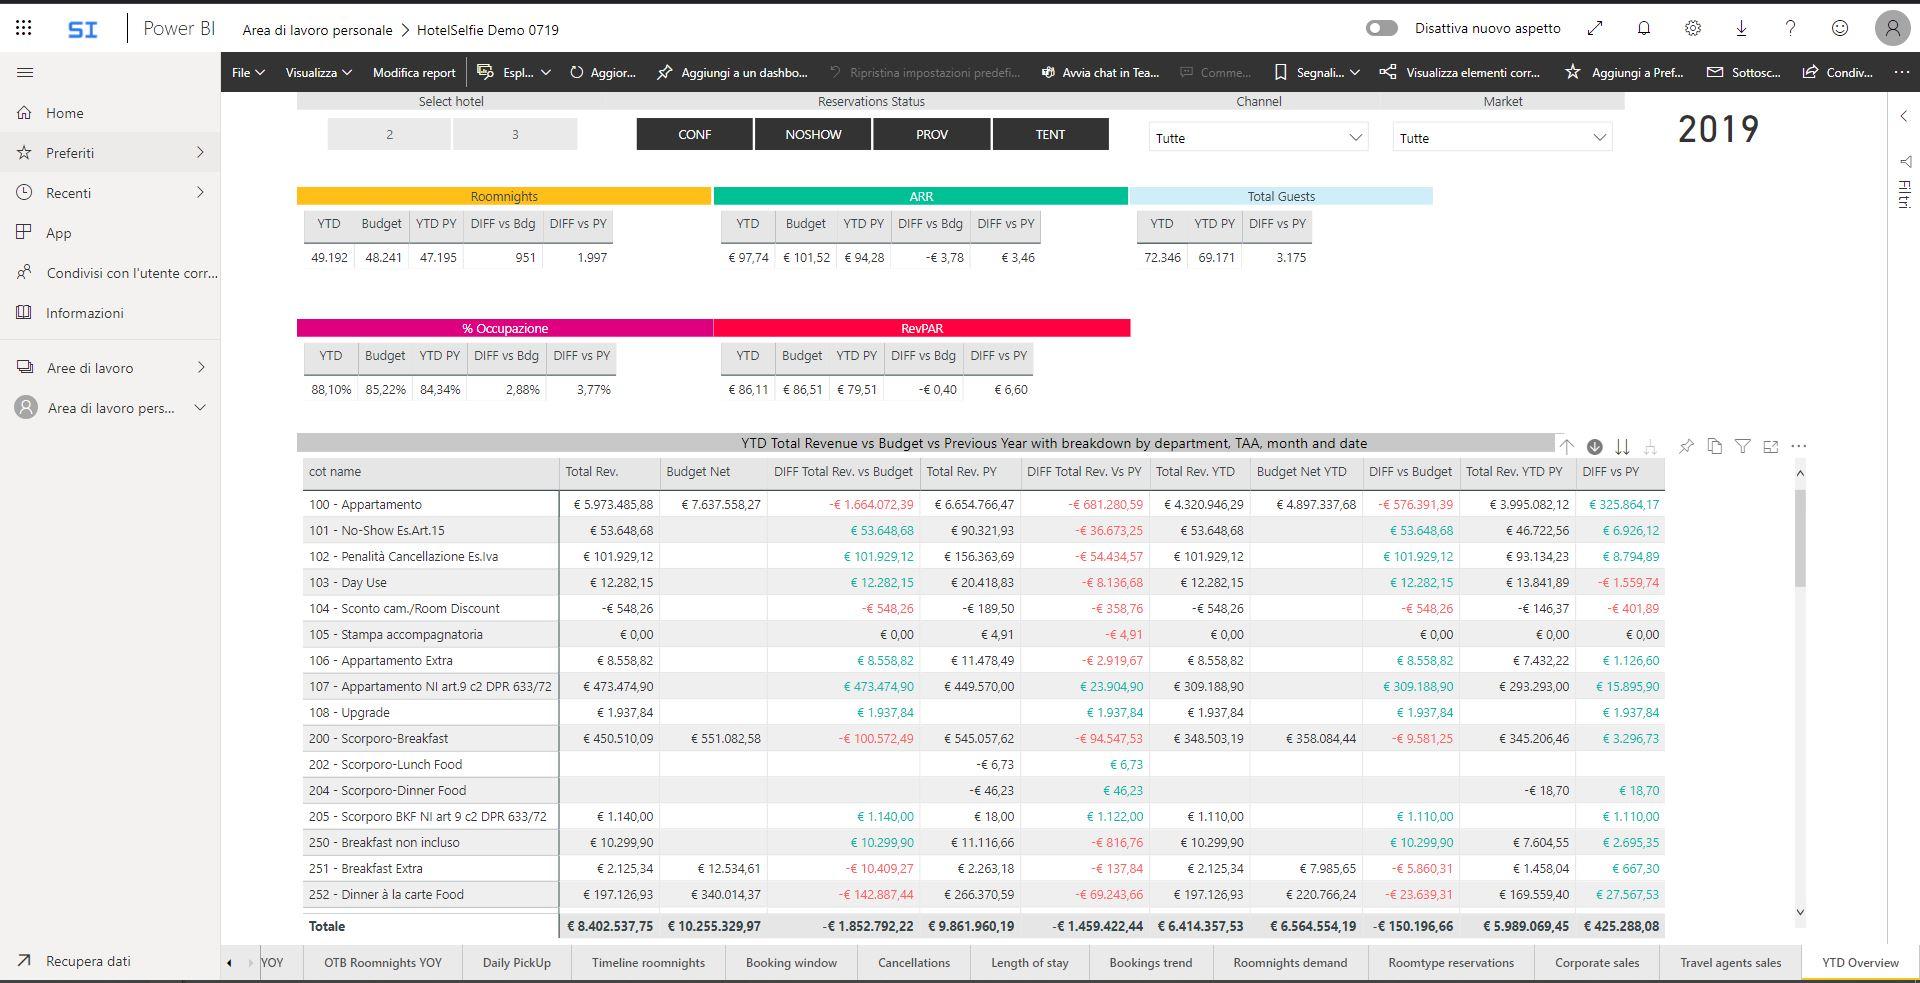 Analizza dati e info a livello generale e fino al più minuscolo dettaglio.